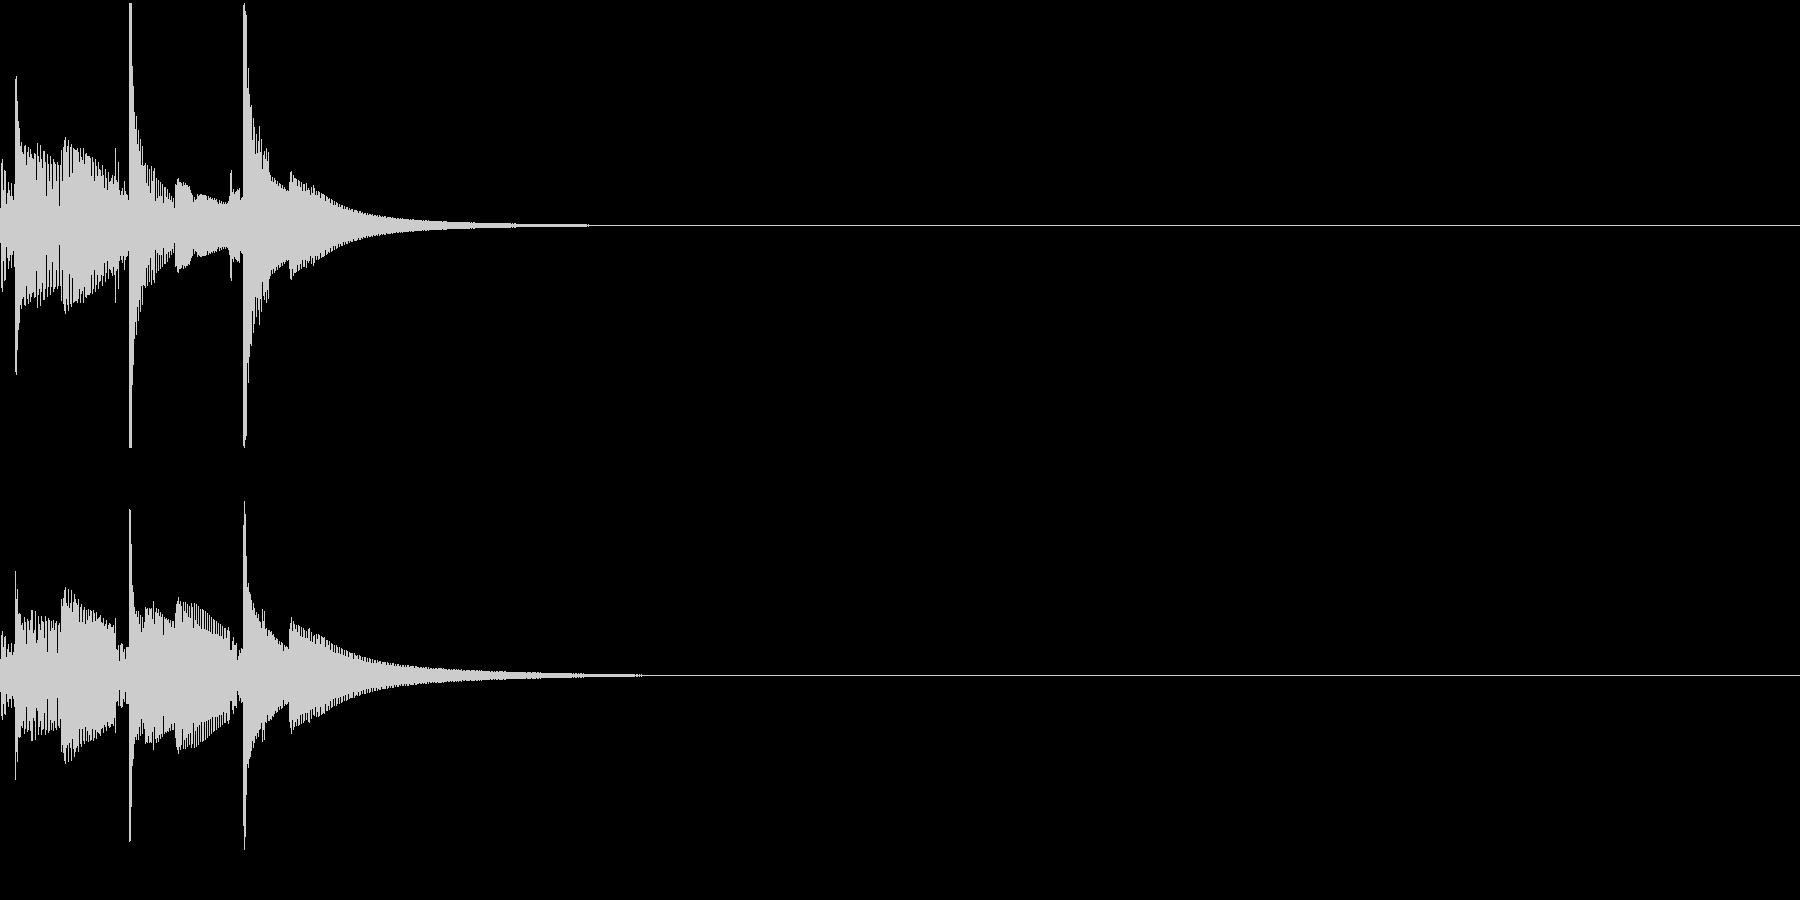 決済やコマンドの承認音 ピコピコの未再生の波形